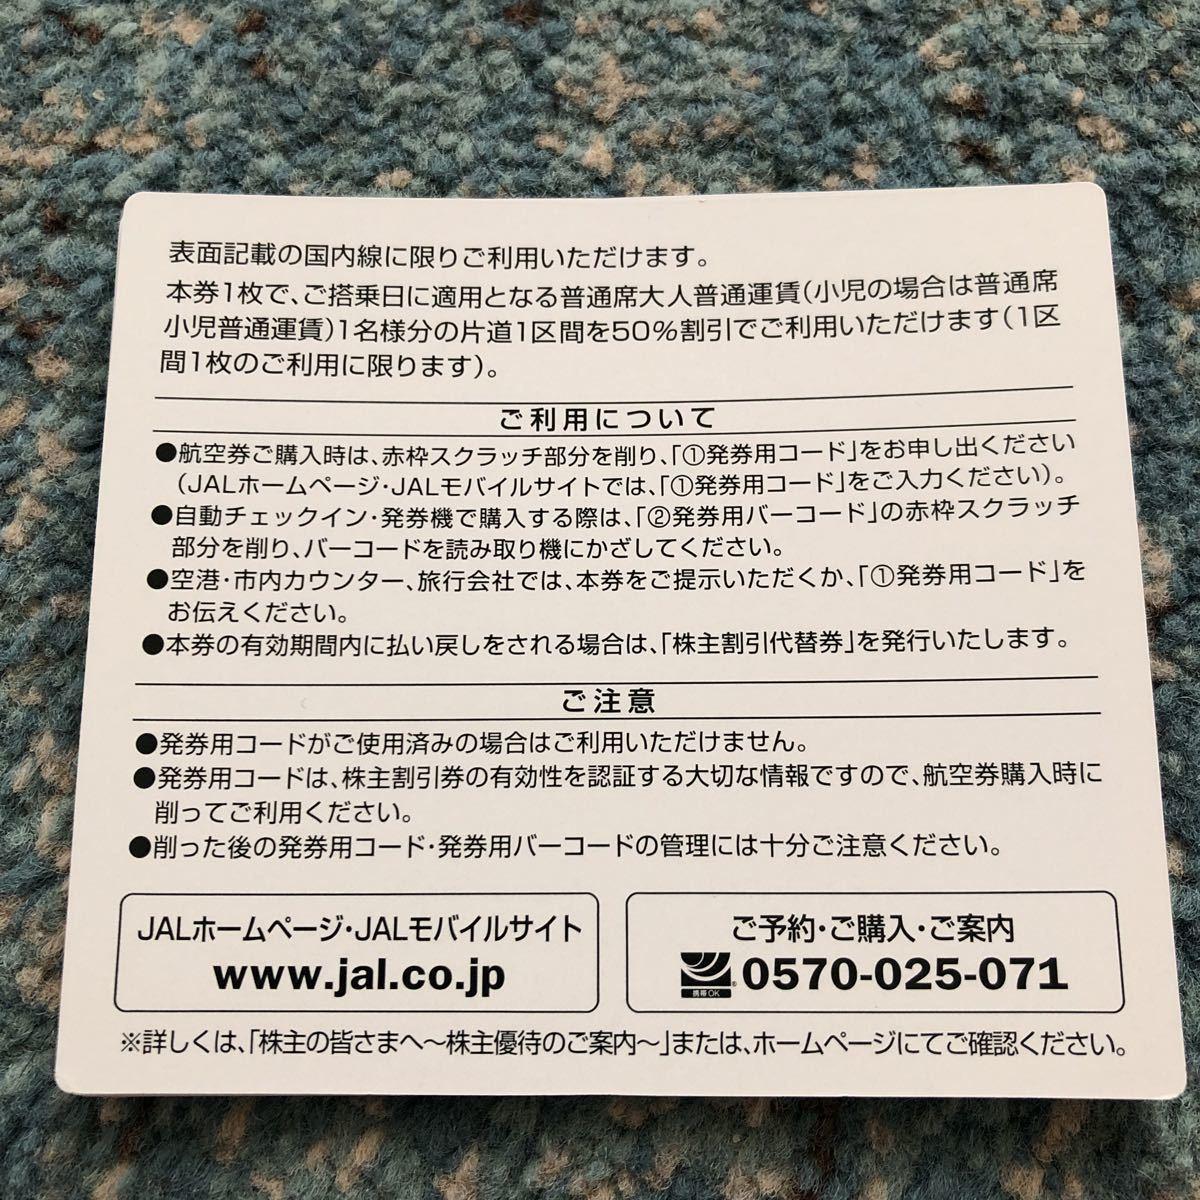 即時発送 JAL 日本航空 株主優待株主割引券  発券用コード連絡送料無料  複数可_画像2